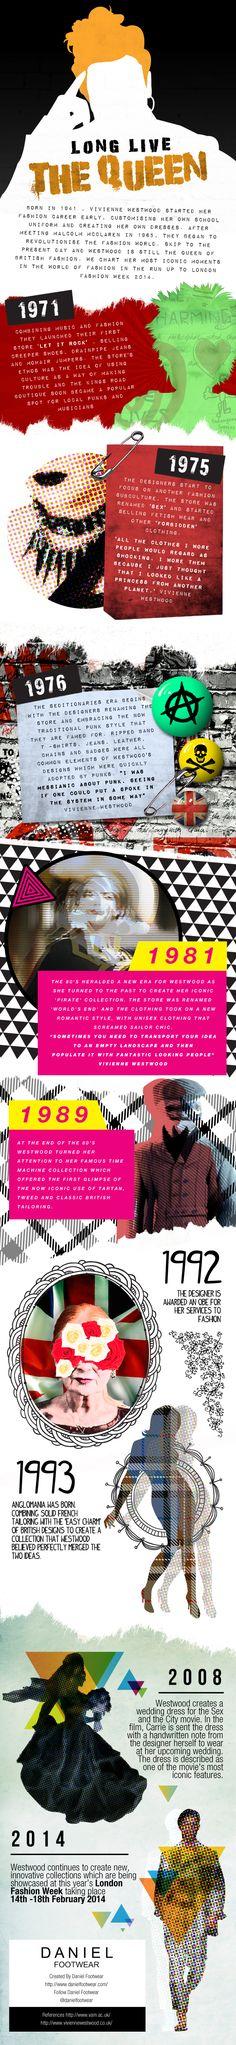 Vivienne Westwood bio Infographic